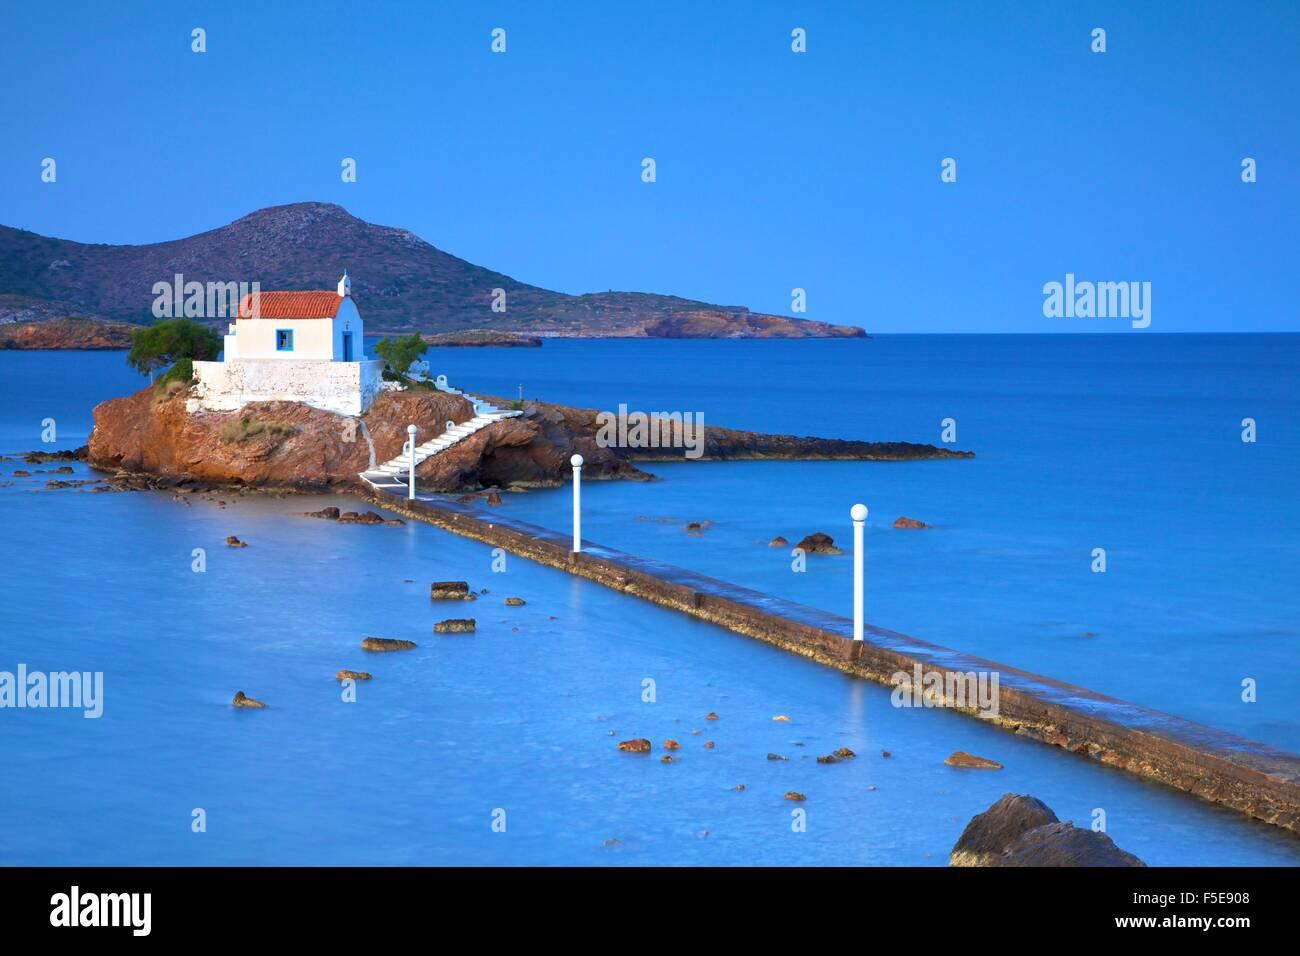 Capilla blanca en Agios Isidoros, Leros, Dodecaneso, las Islas Griegas, Grecia, Europa Foto de stock